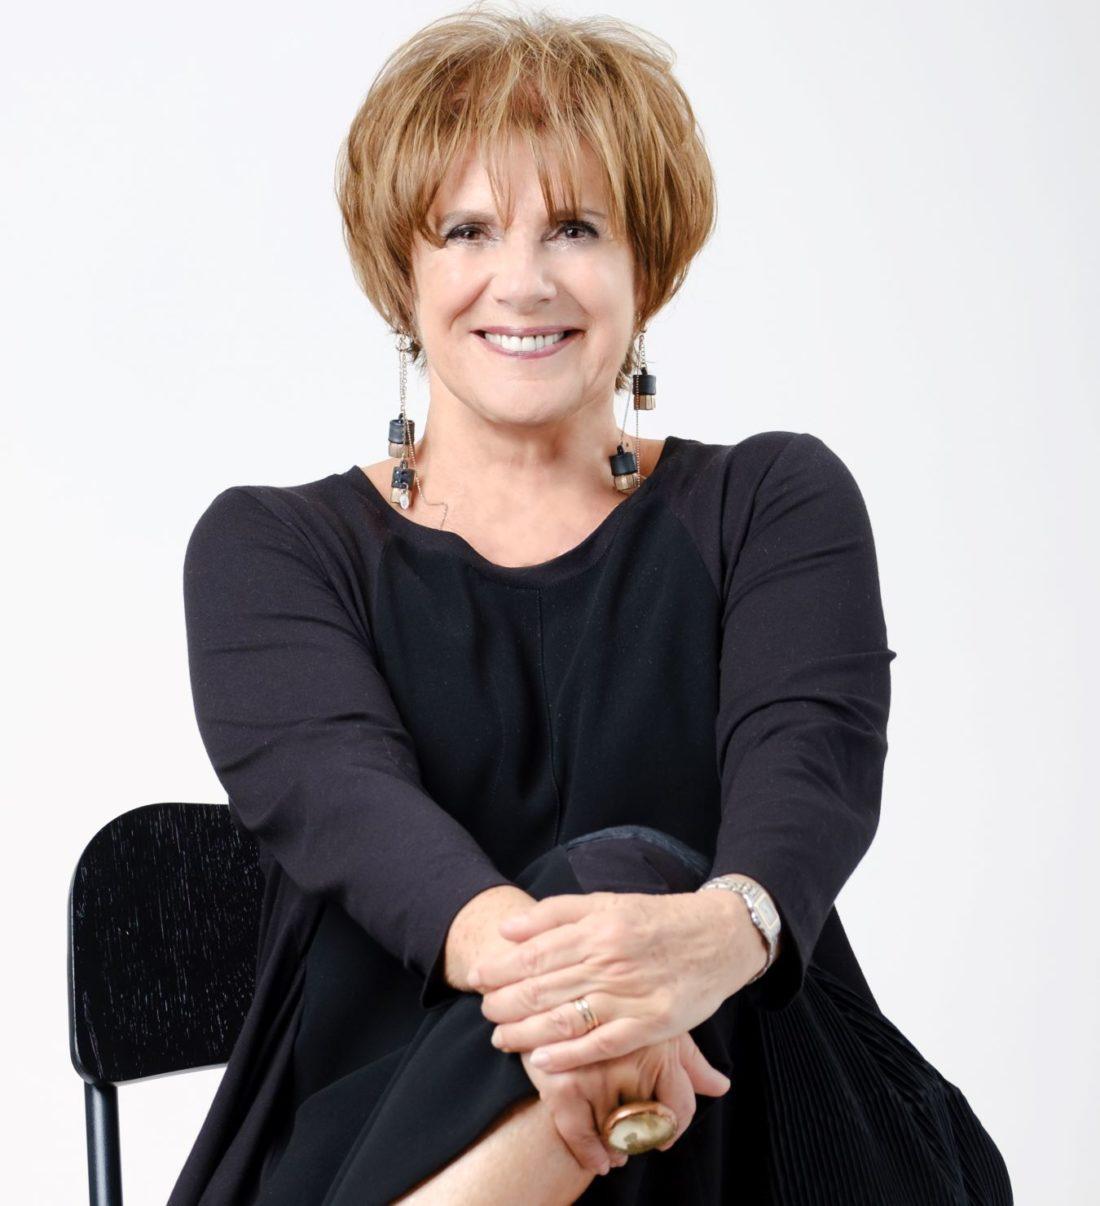 Teatro Carcano: QUESTIONI DI CUORE con Lella Costa